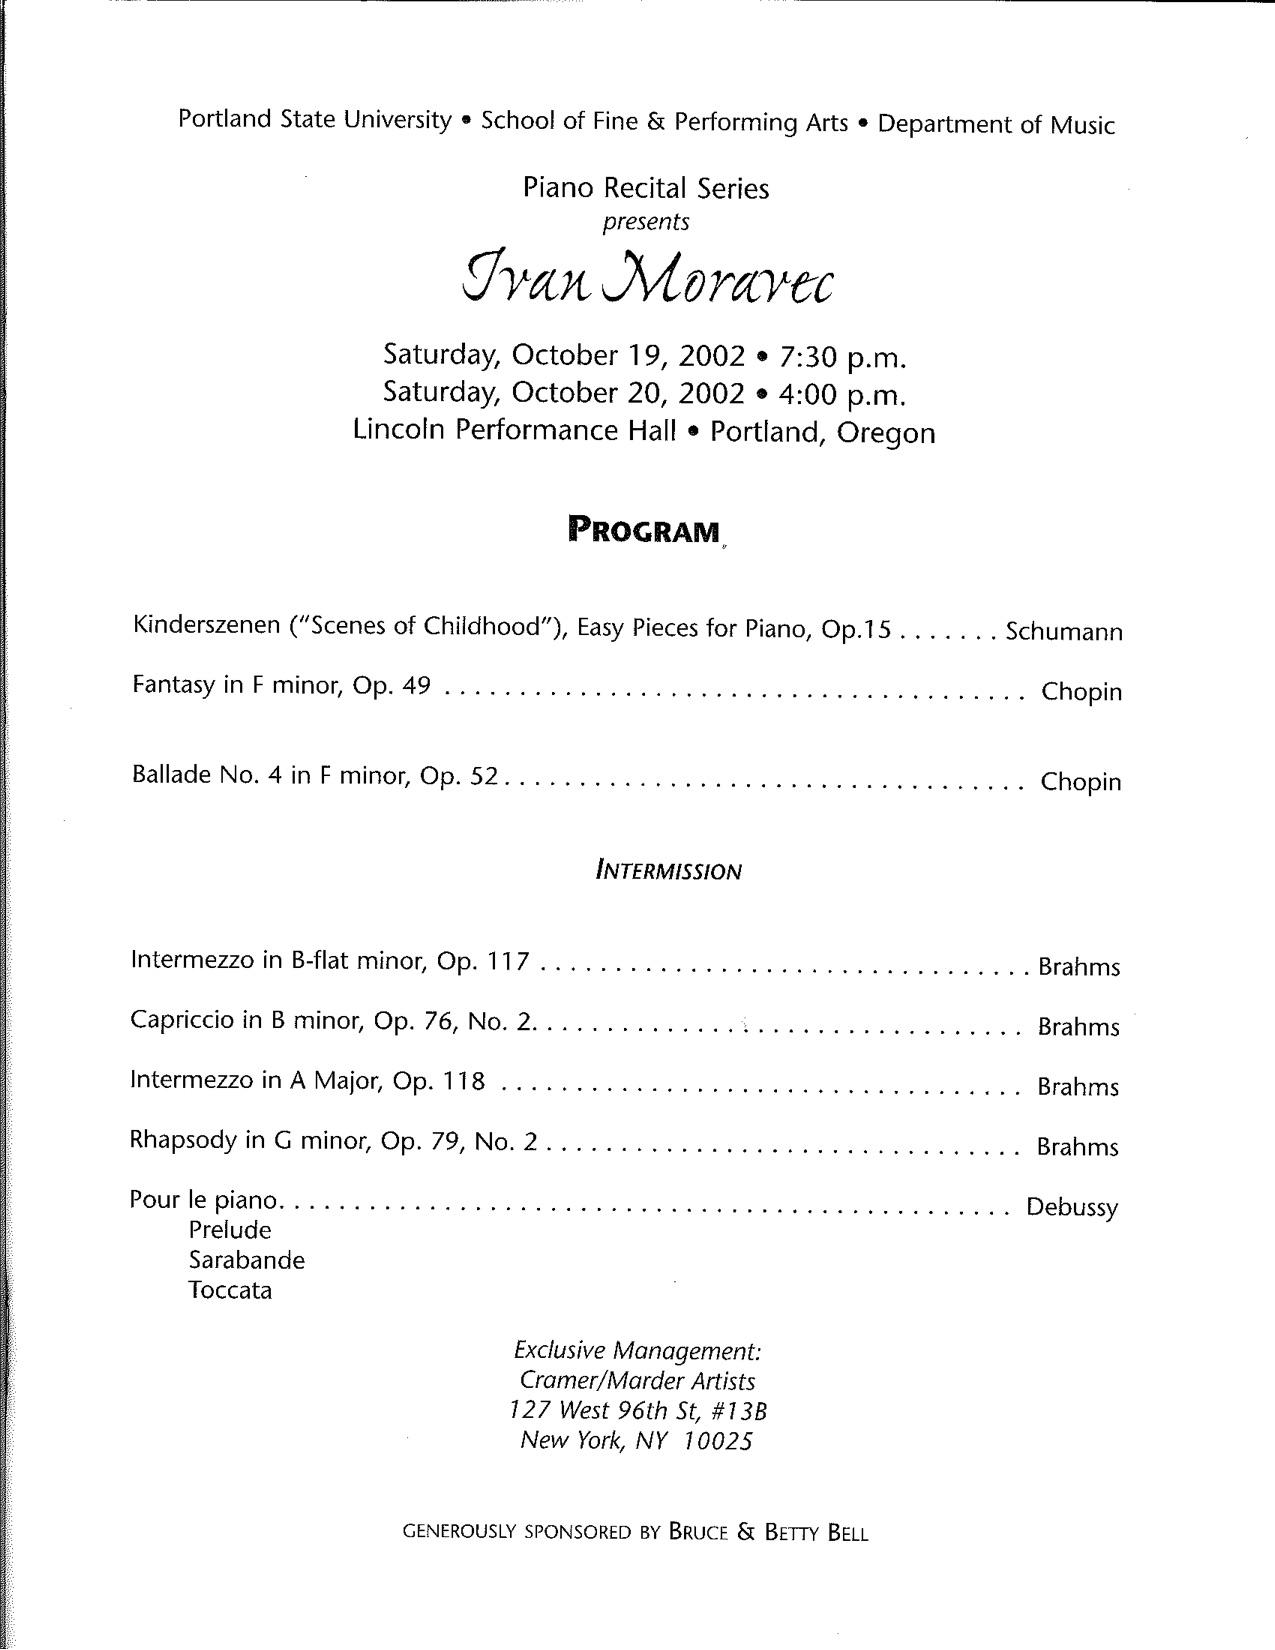 Moravec02-03_Program2.jpg